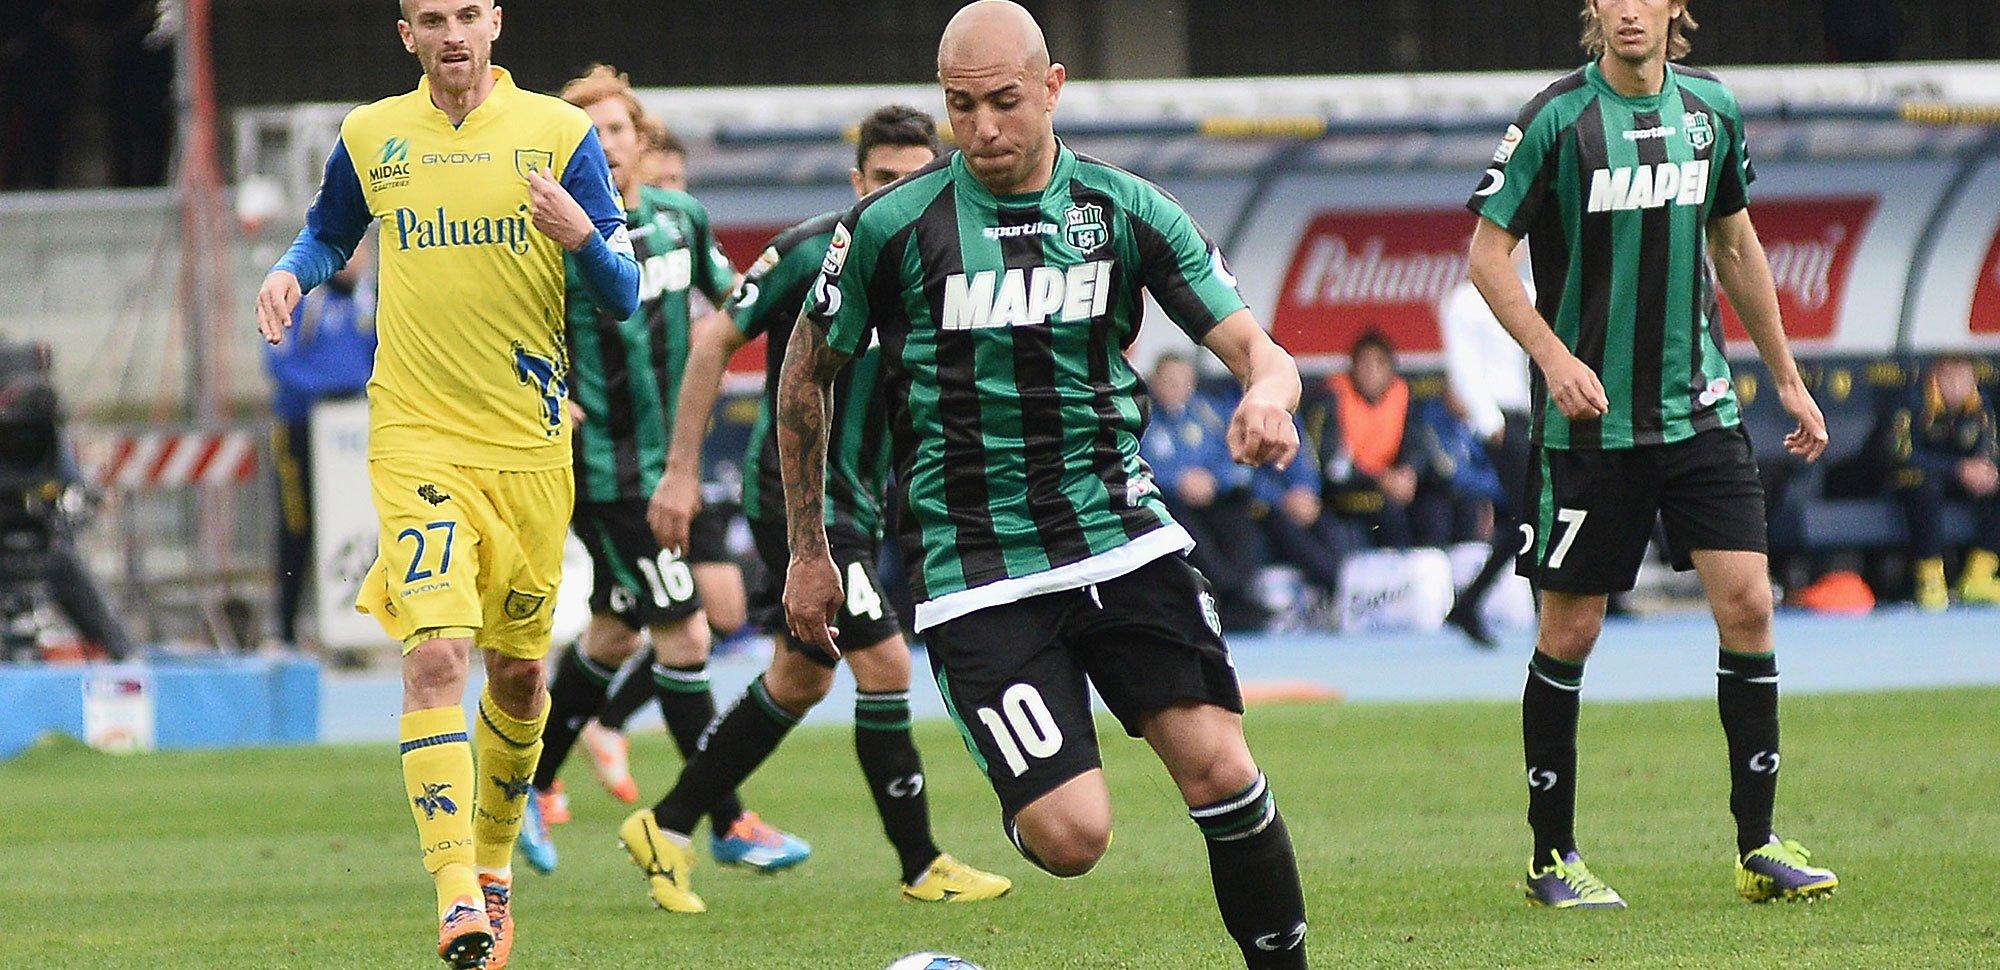 Calciomercato, Juventus: assalto a Zaza già a gennaio